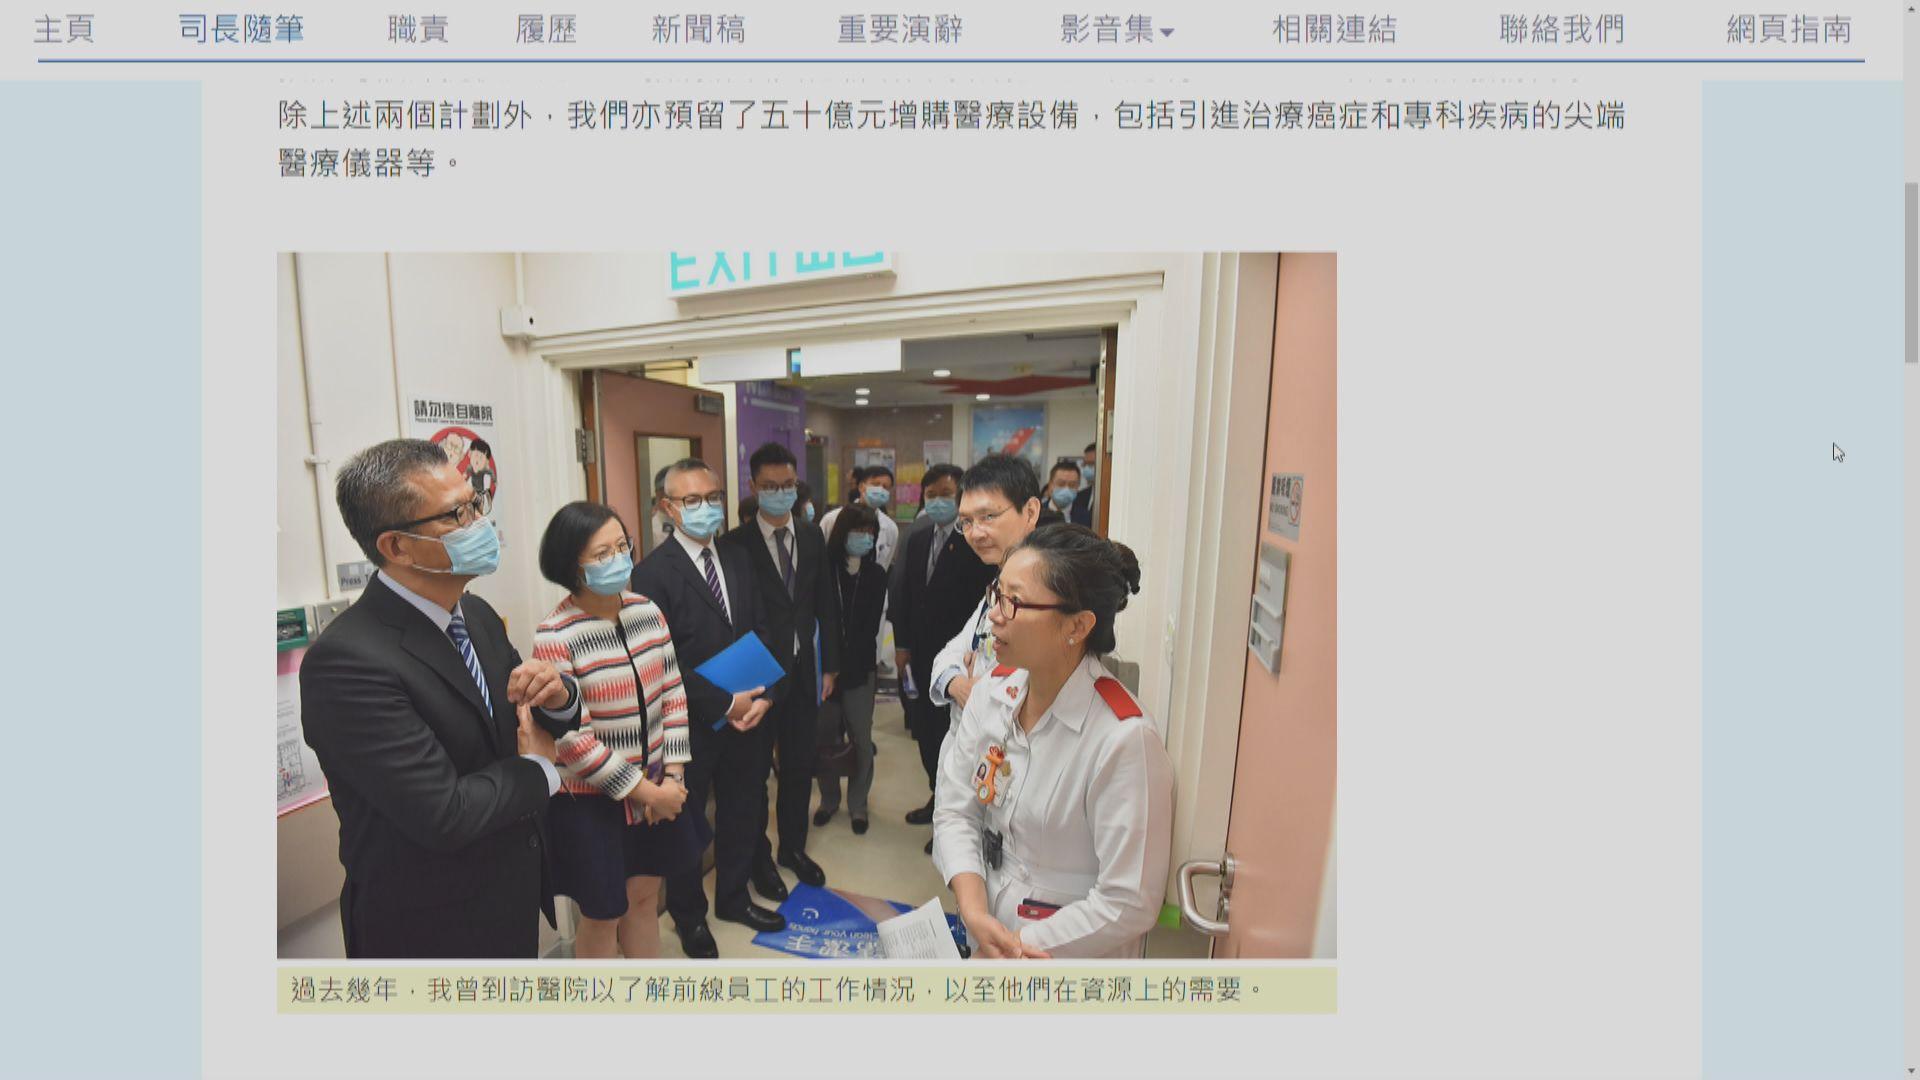 政府擬引入海外醫生 官員籲社會支持修例